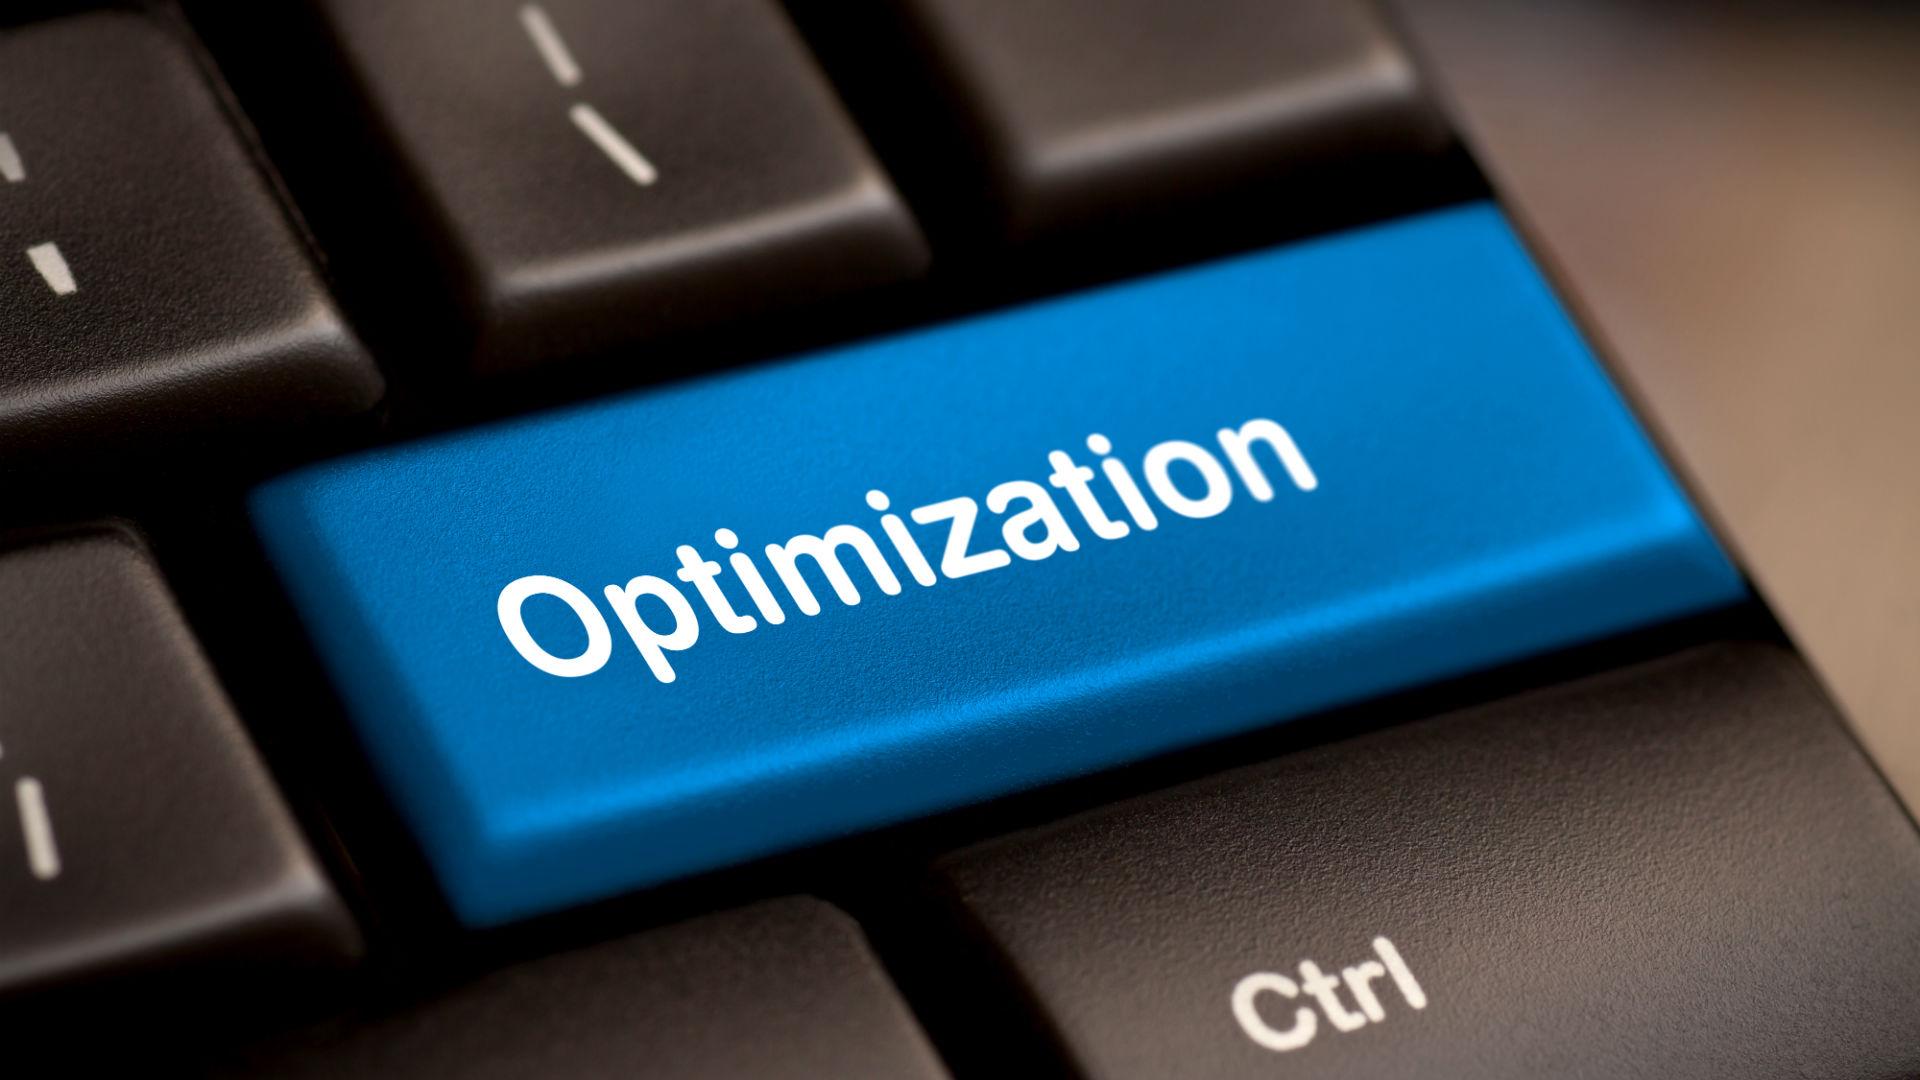 optimization-keyboard-ss-1920